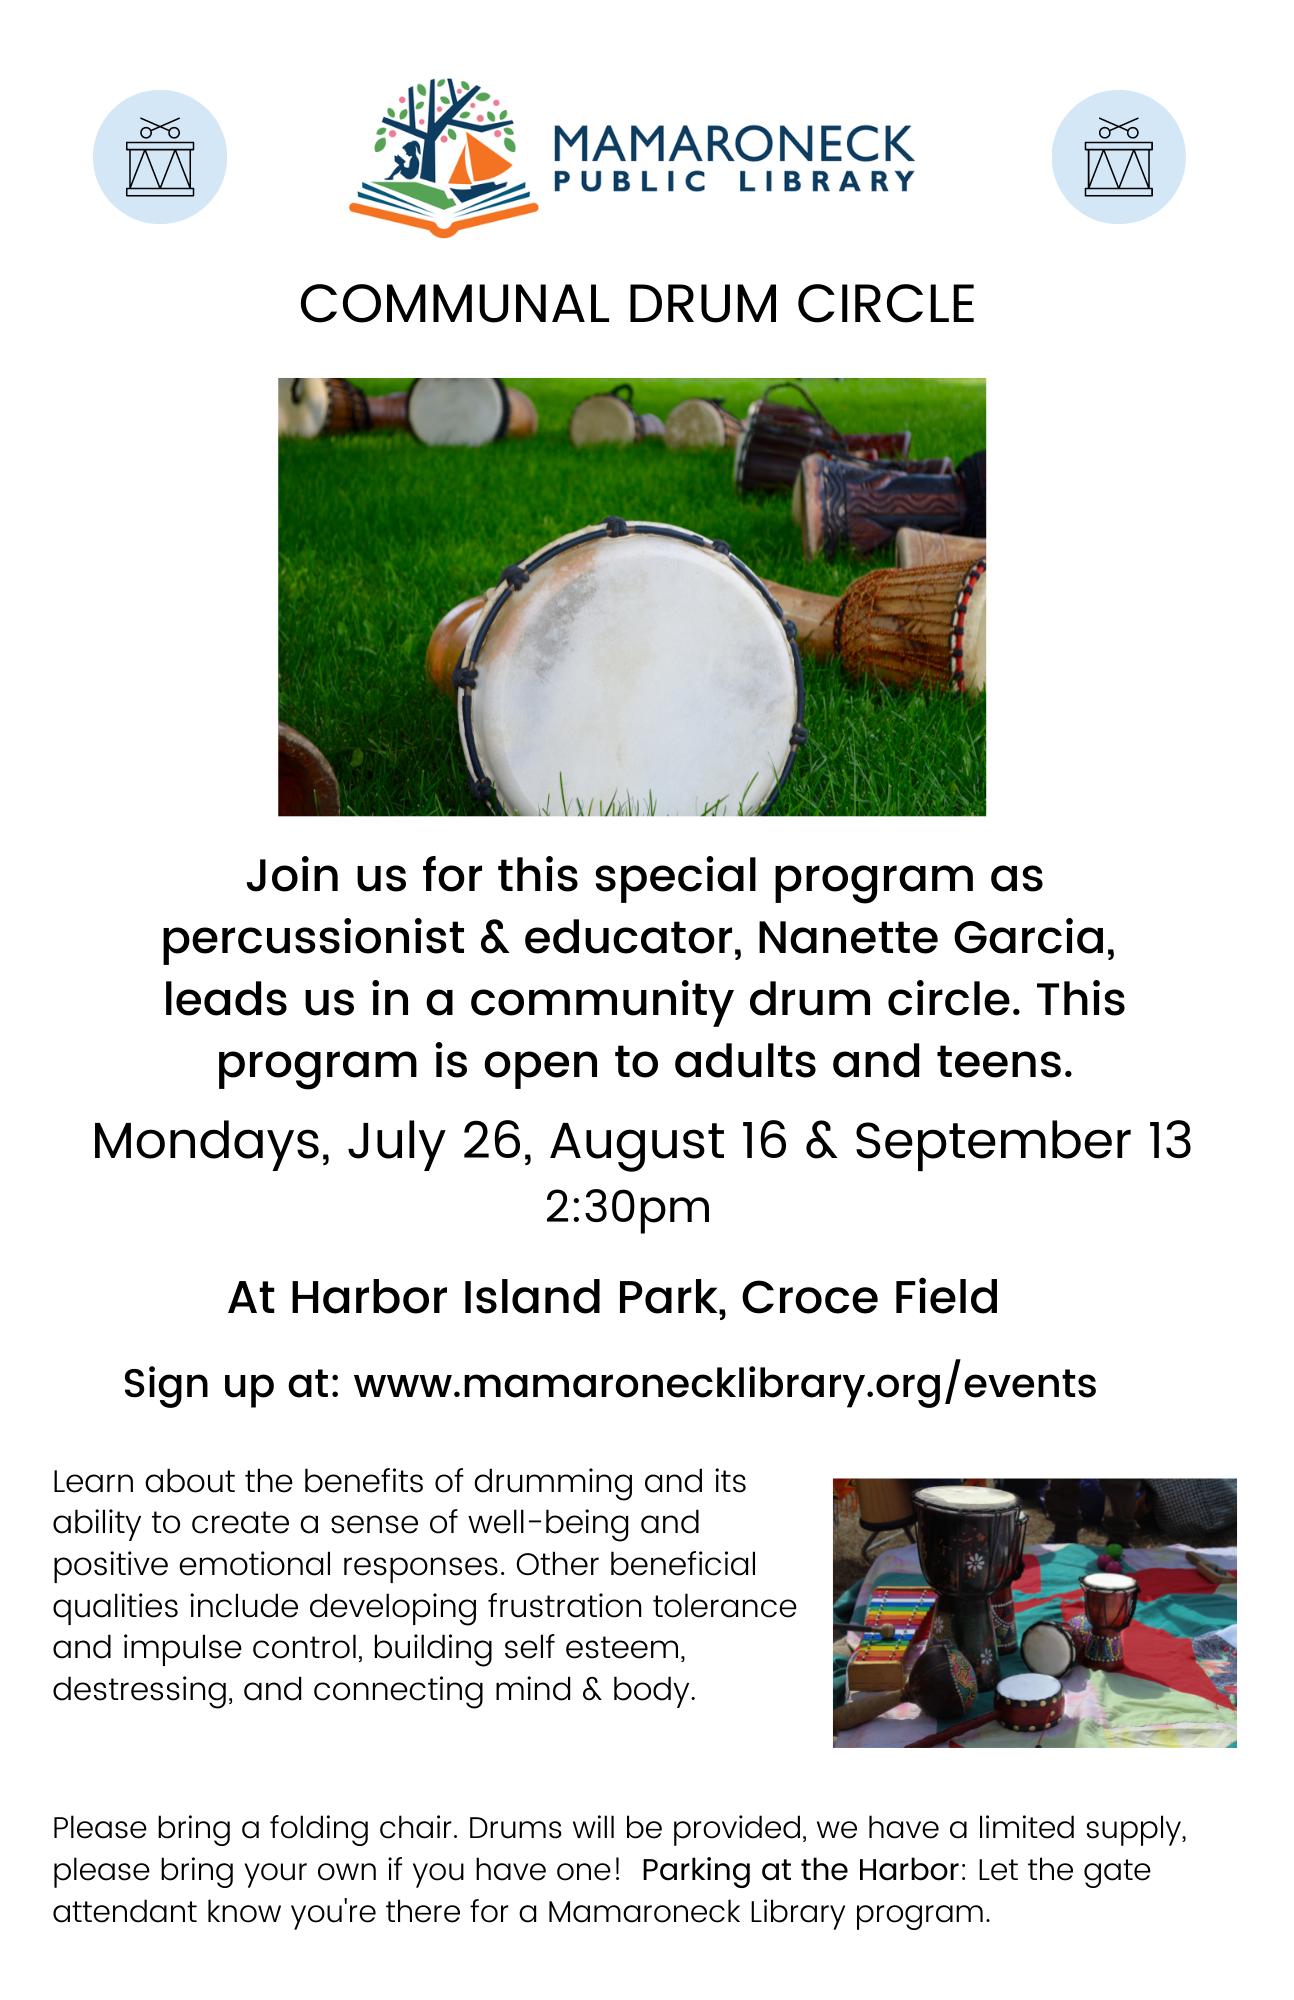 Communal Drum Circle event